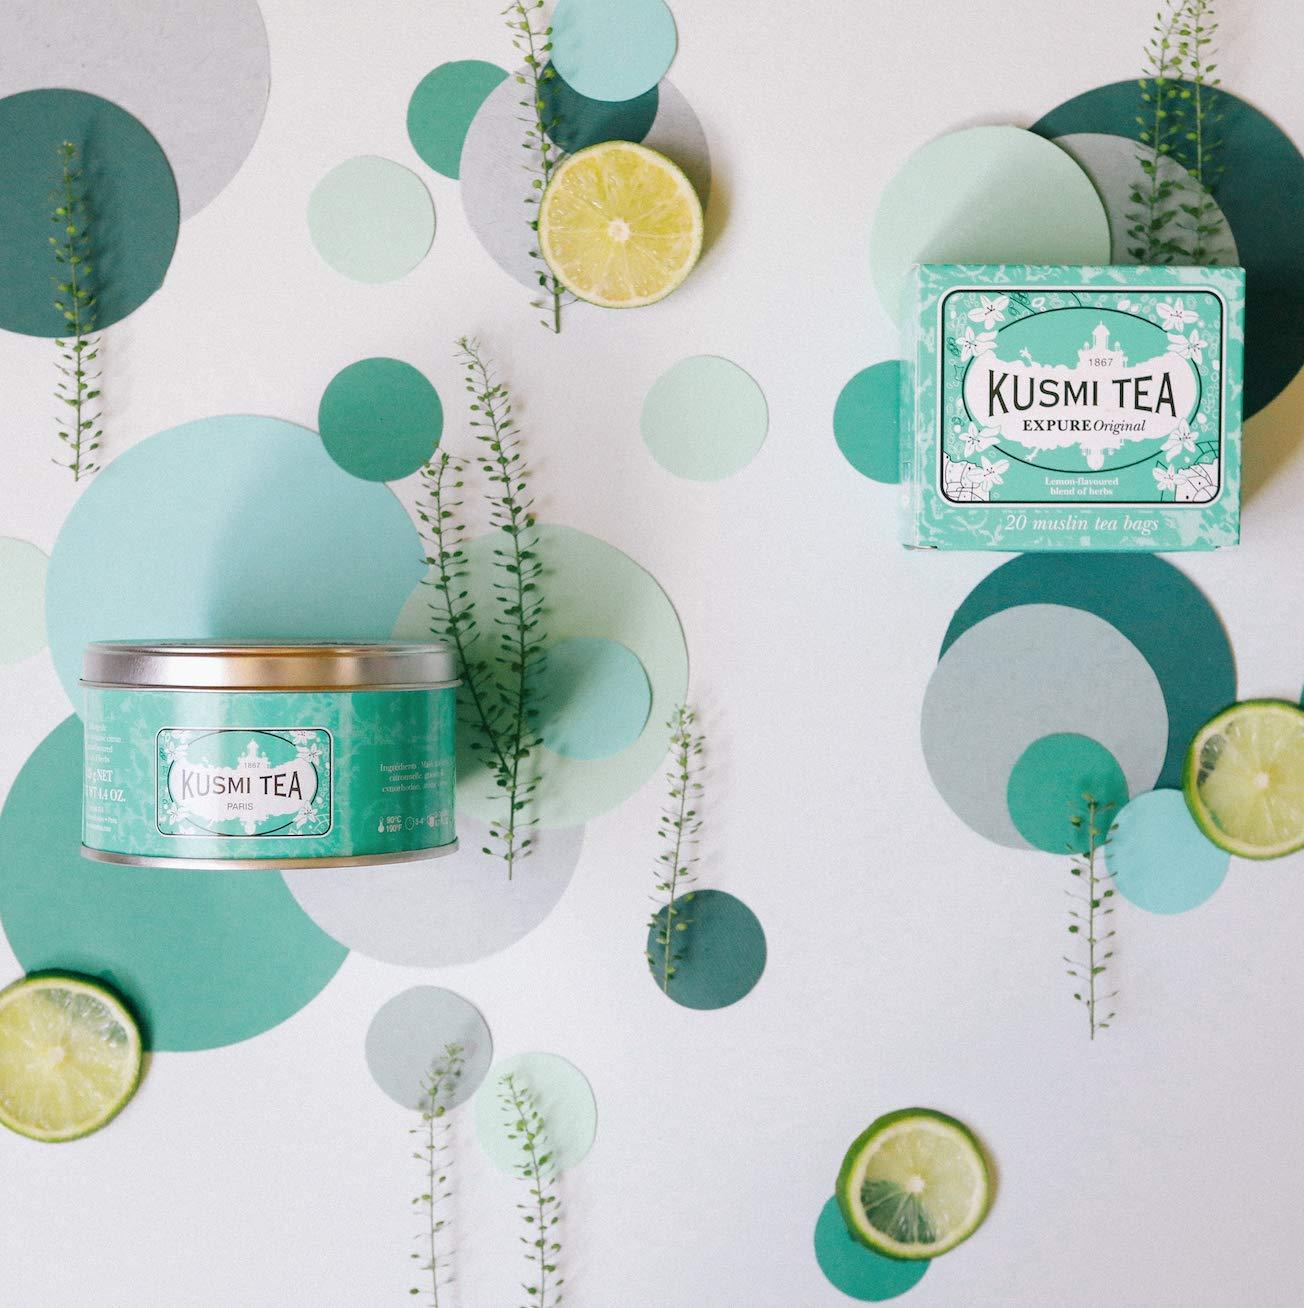 Kusmi-Tea-Wellness-Tee-Expure-Original-Mischung-mit-Mate-grnem-Tee-und-Zitronengras-aromatisiert-Zitrone-Die-exklusive-Mischung-wird-in-Frankreich-Metalldose-125g-Ergibt-ca-50-Tassen